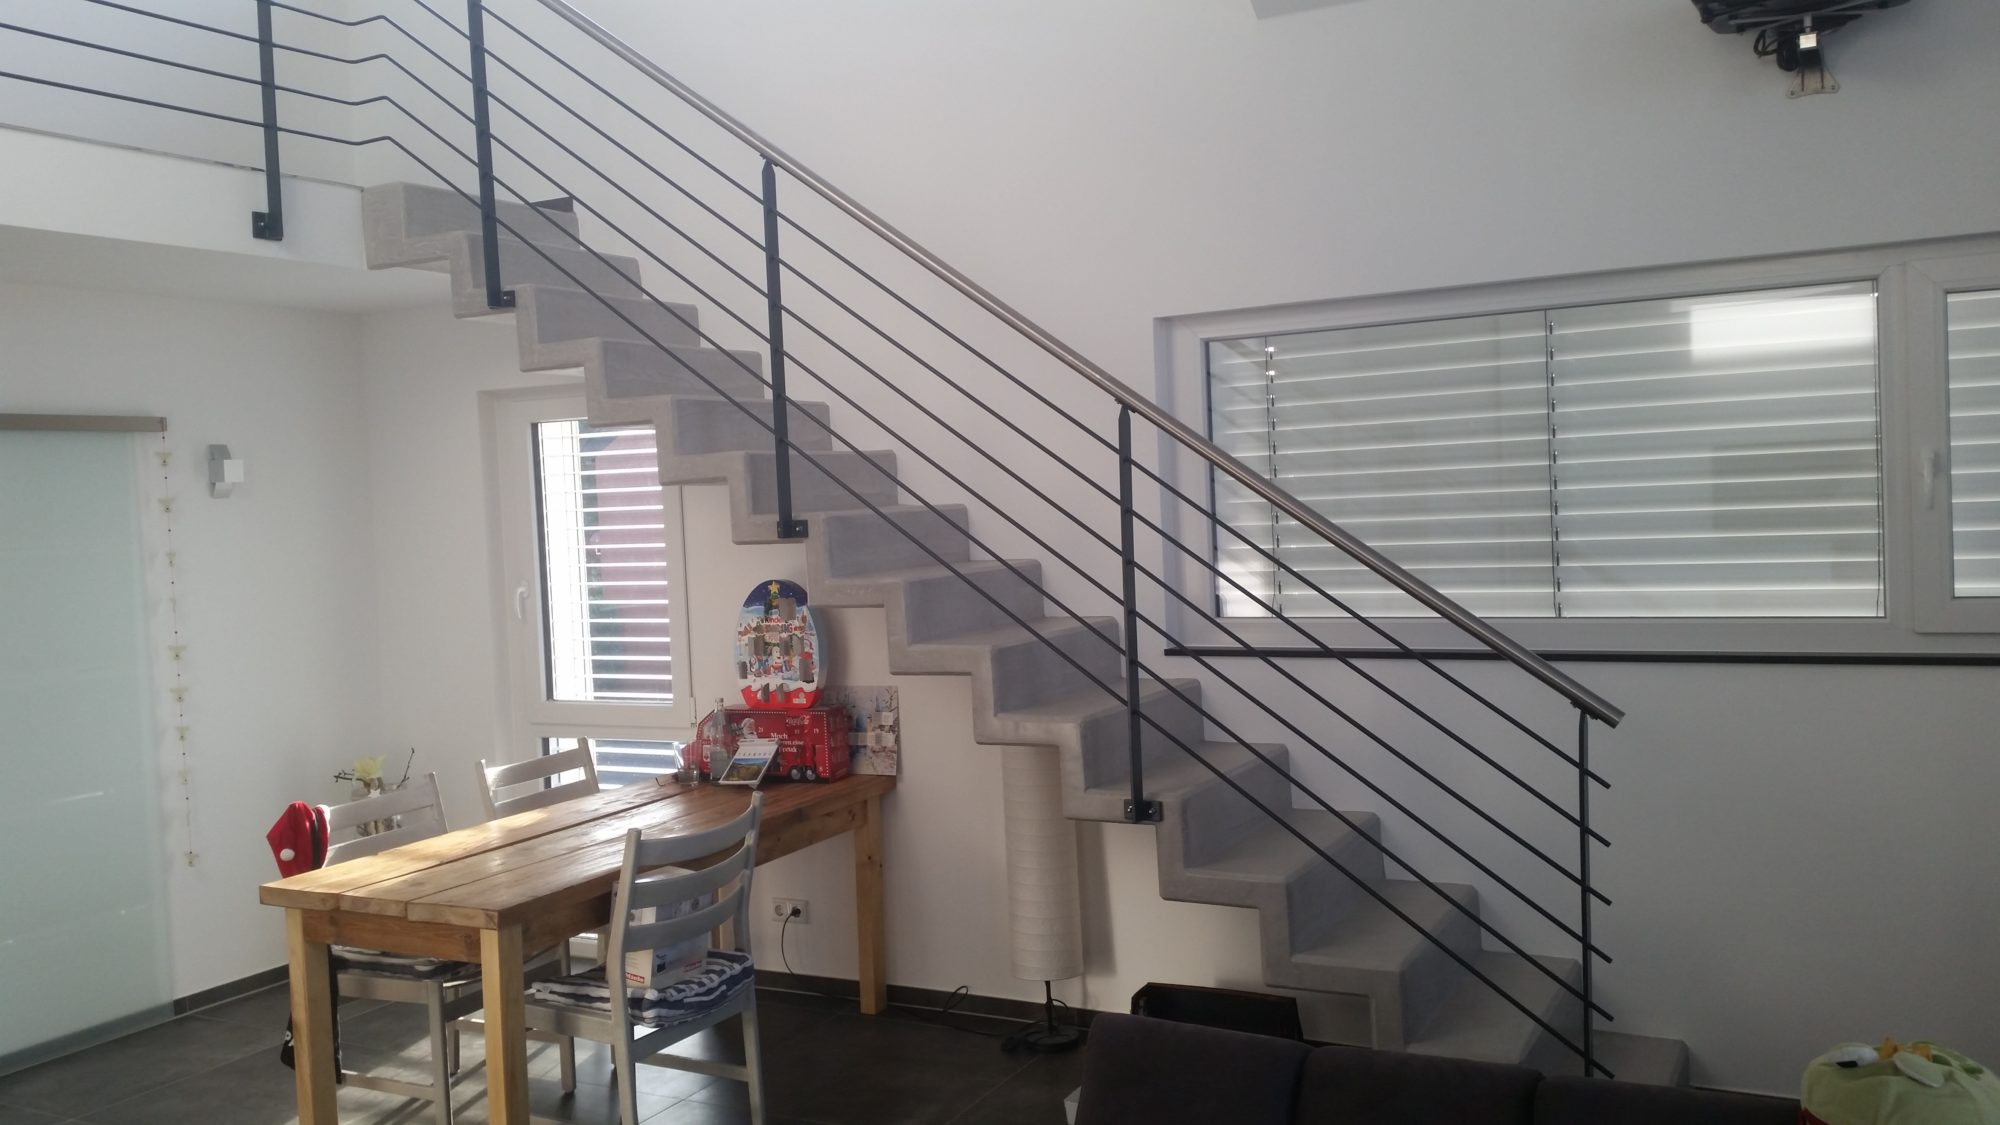 Wohnraumdesign  Home - Scherlich-Design